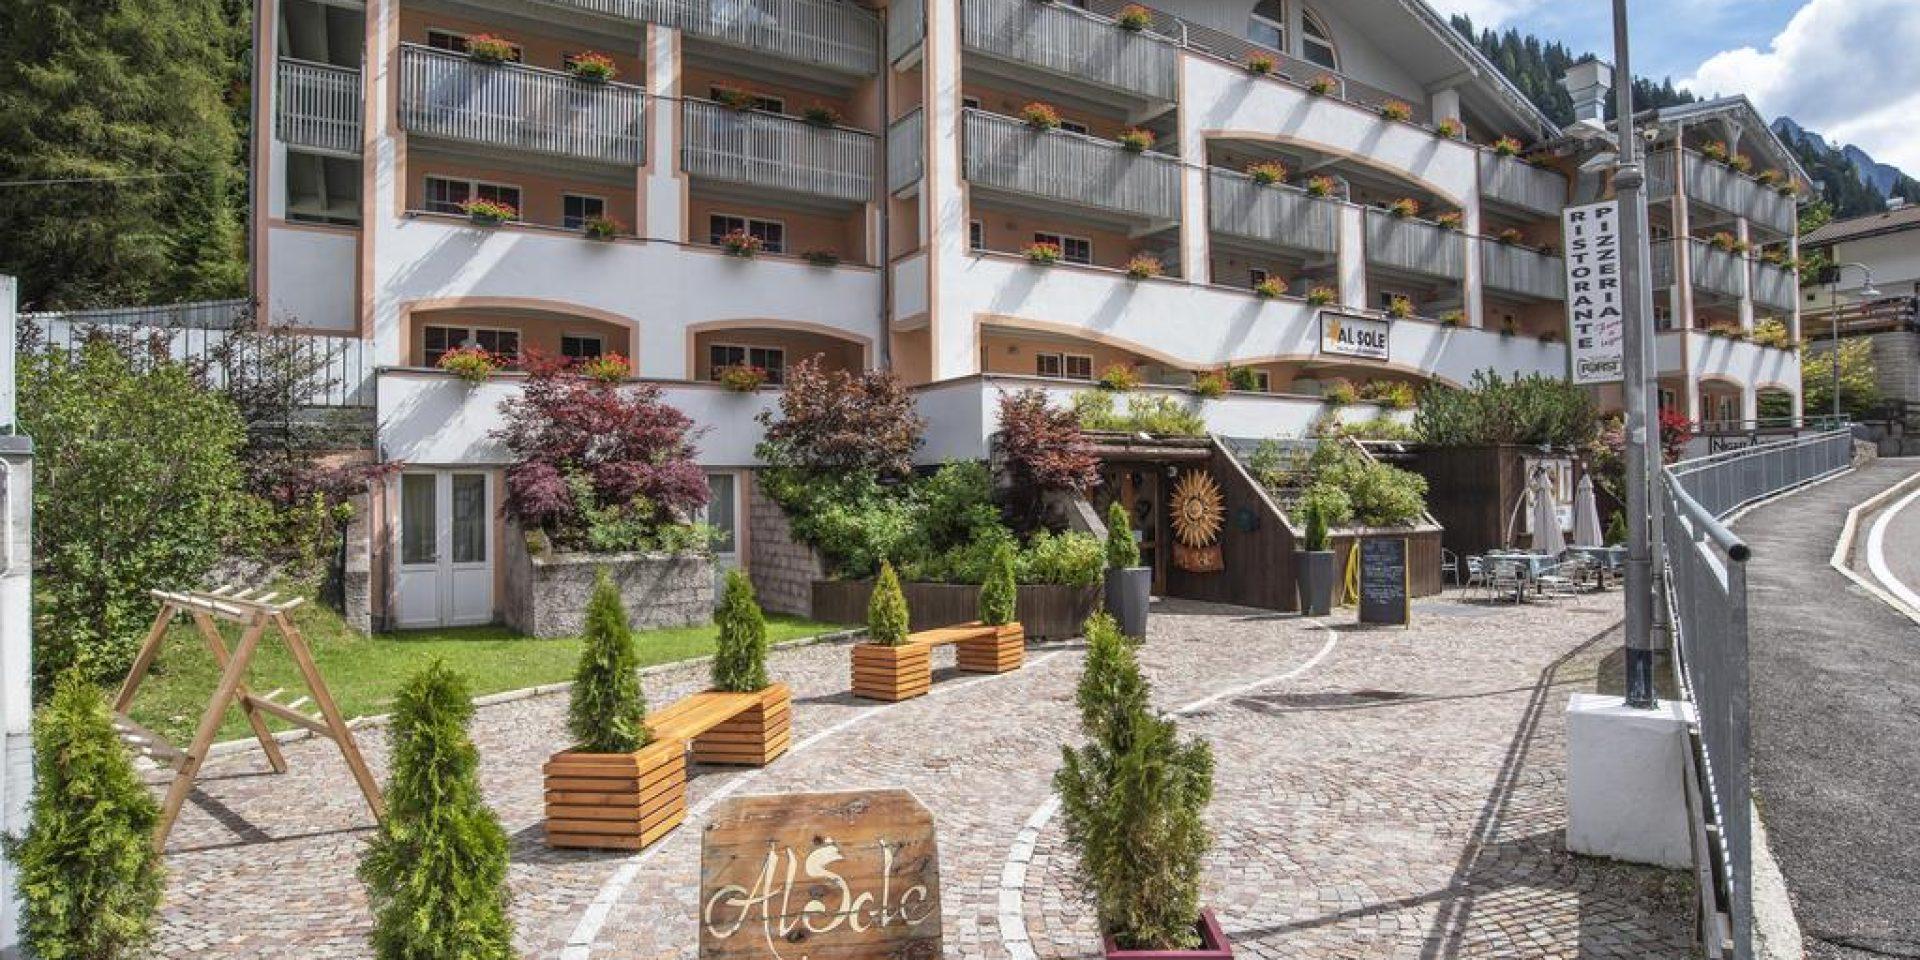 Al Sole Hotel & club residence